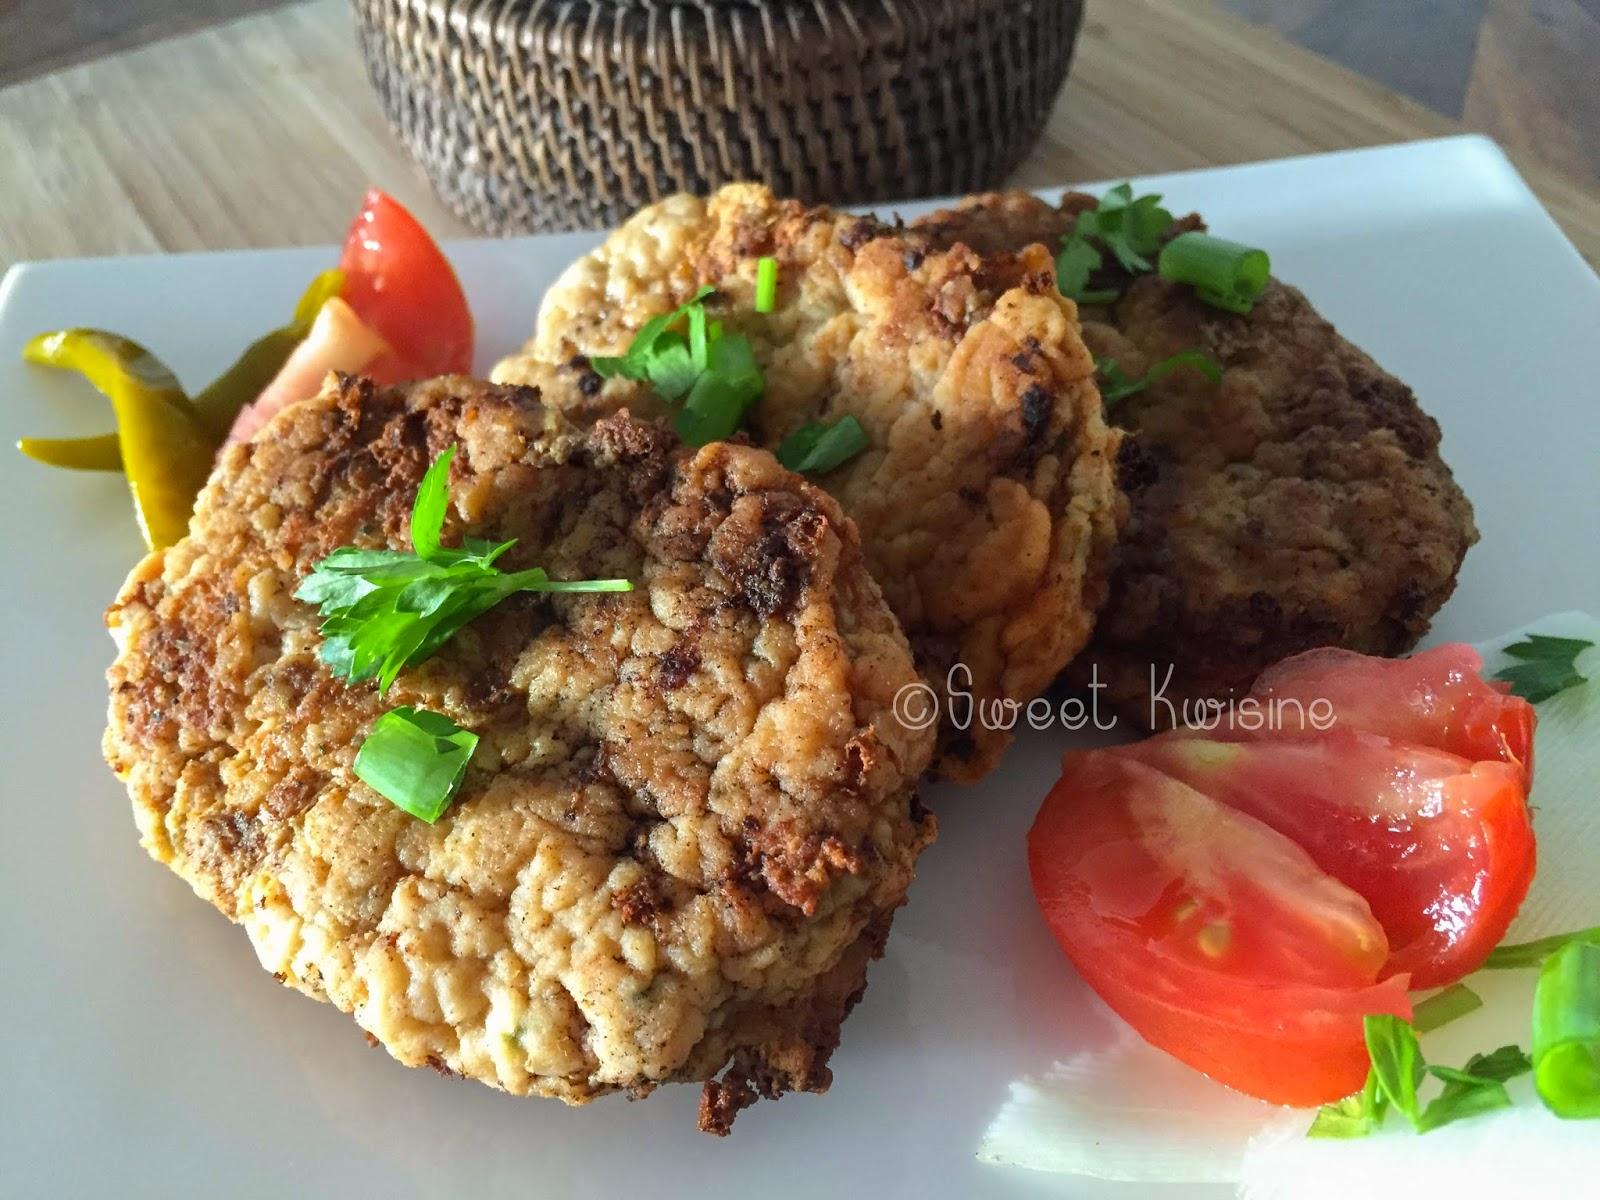 sweet kwisine, cuisine thailandaise, jamie oliver, poisson, coriandre concombre, cuisine légère